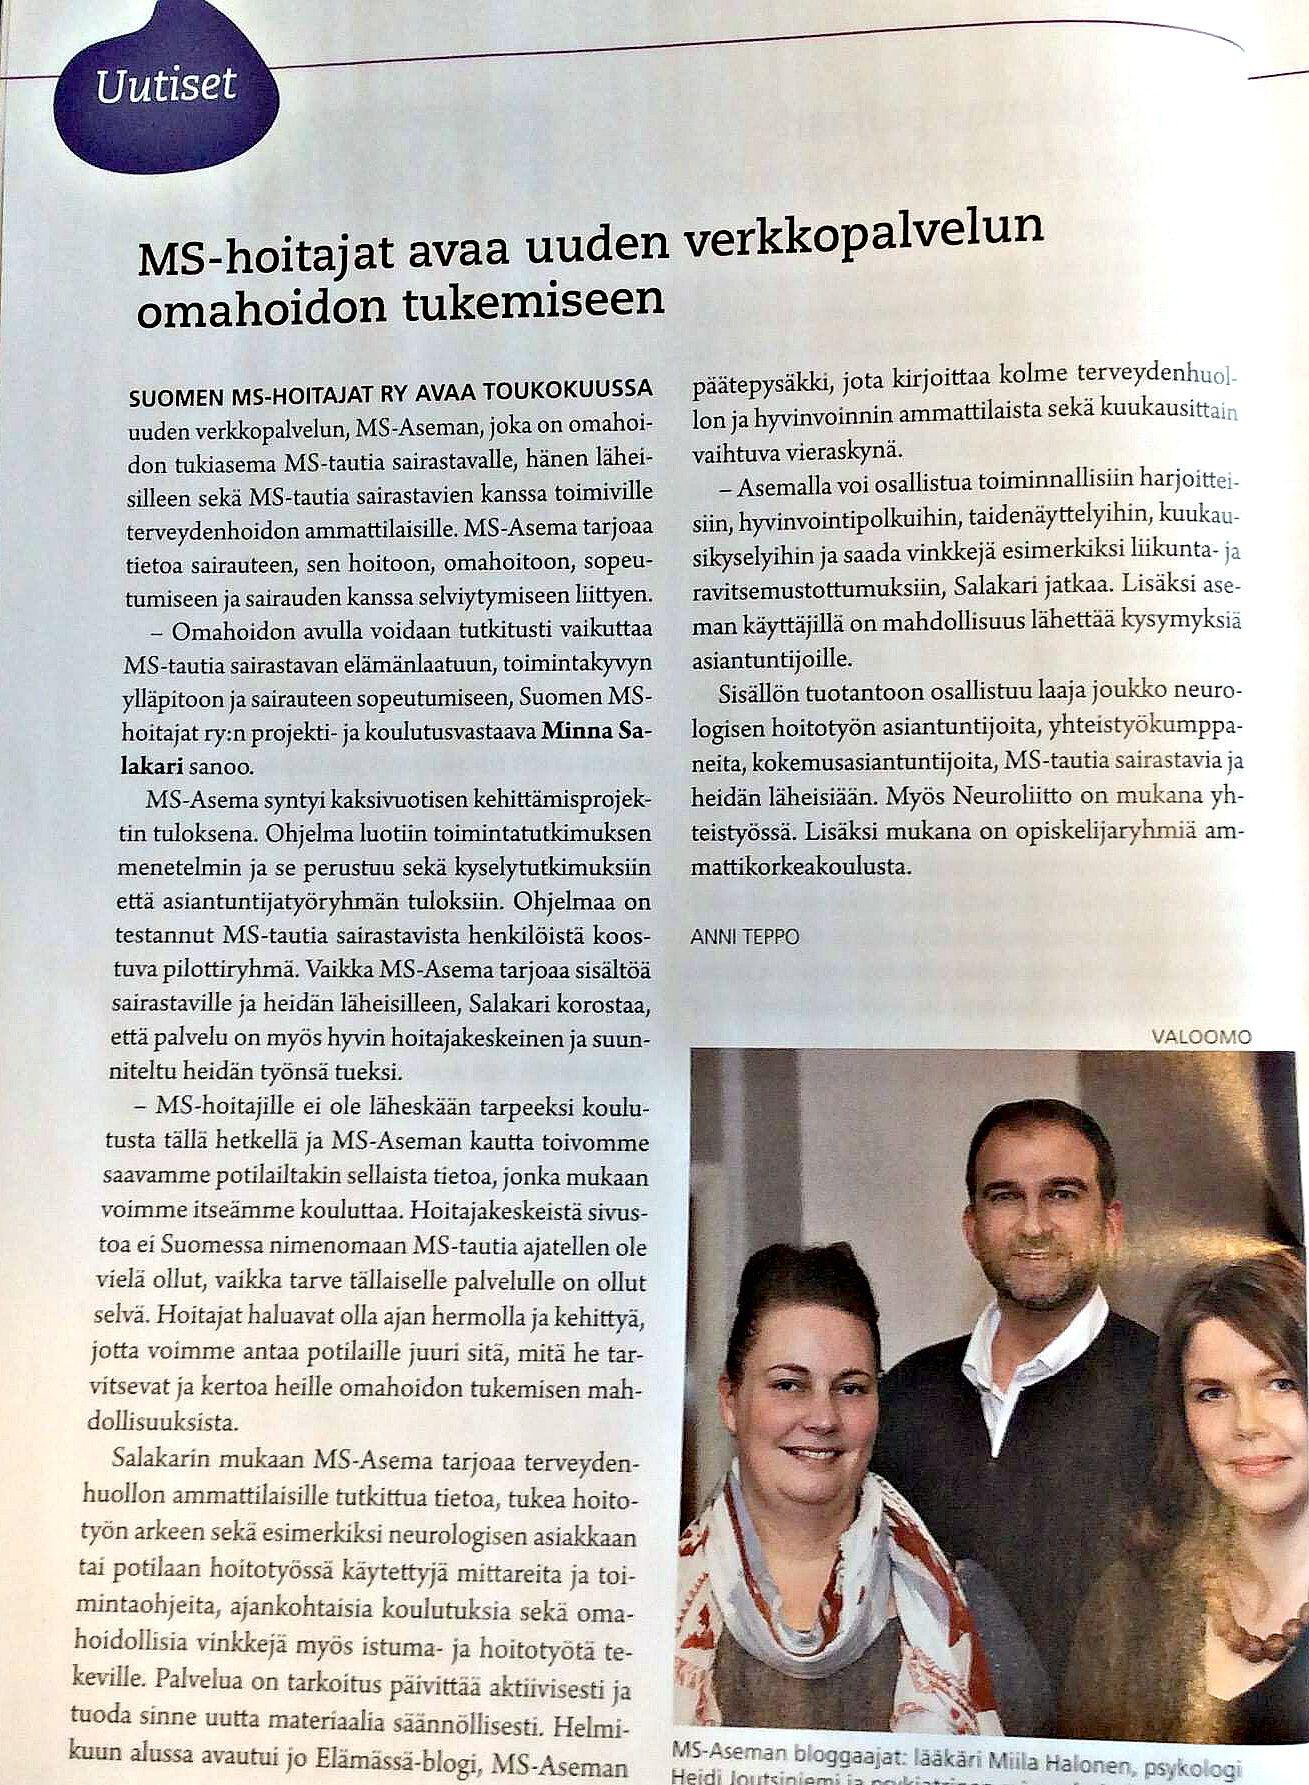 Mukana luomassa MS-Asemaa Suomen MS-hoitajien kanssa! :) #hoitotyö #MStauti #artikkeli #AVAIN #lehti